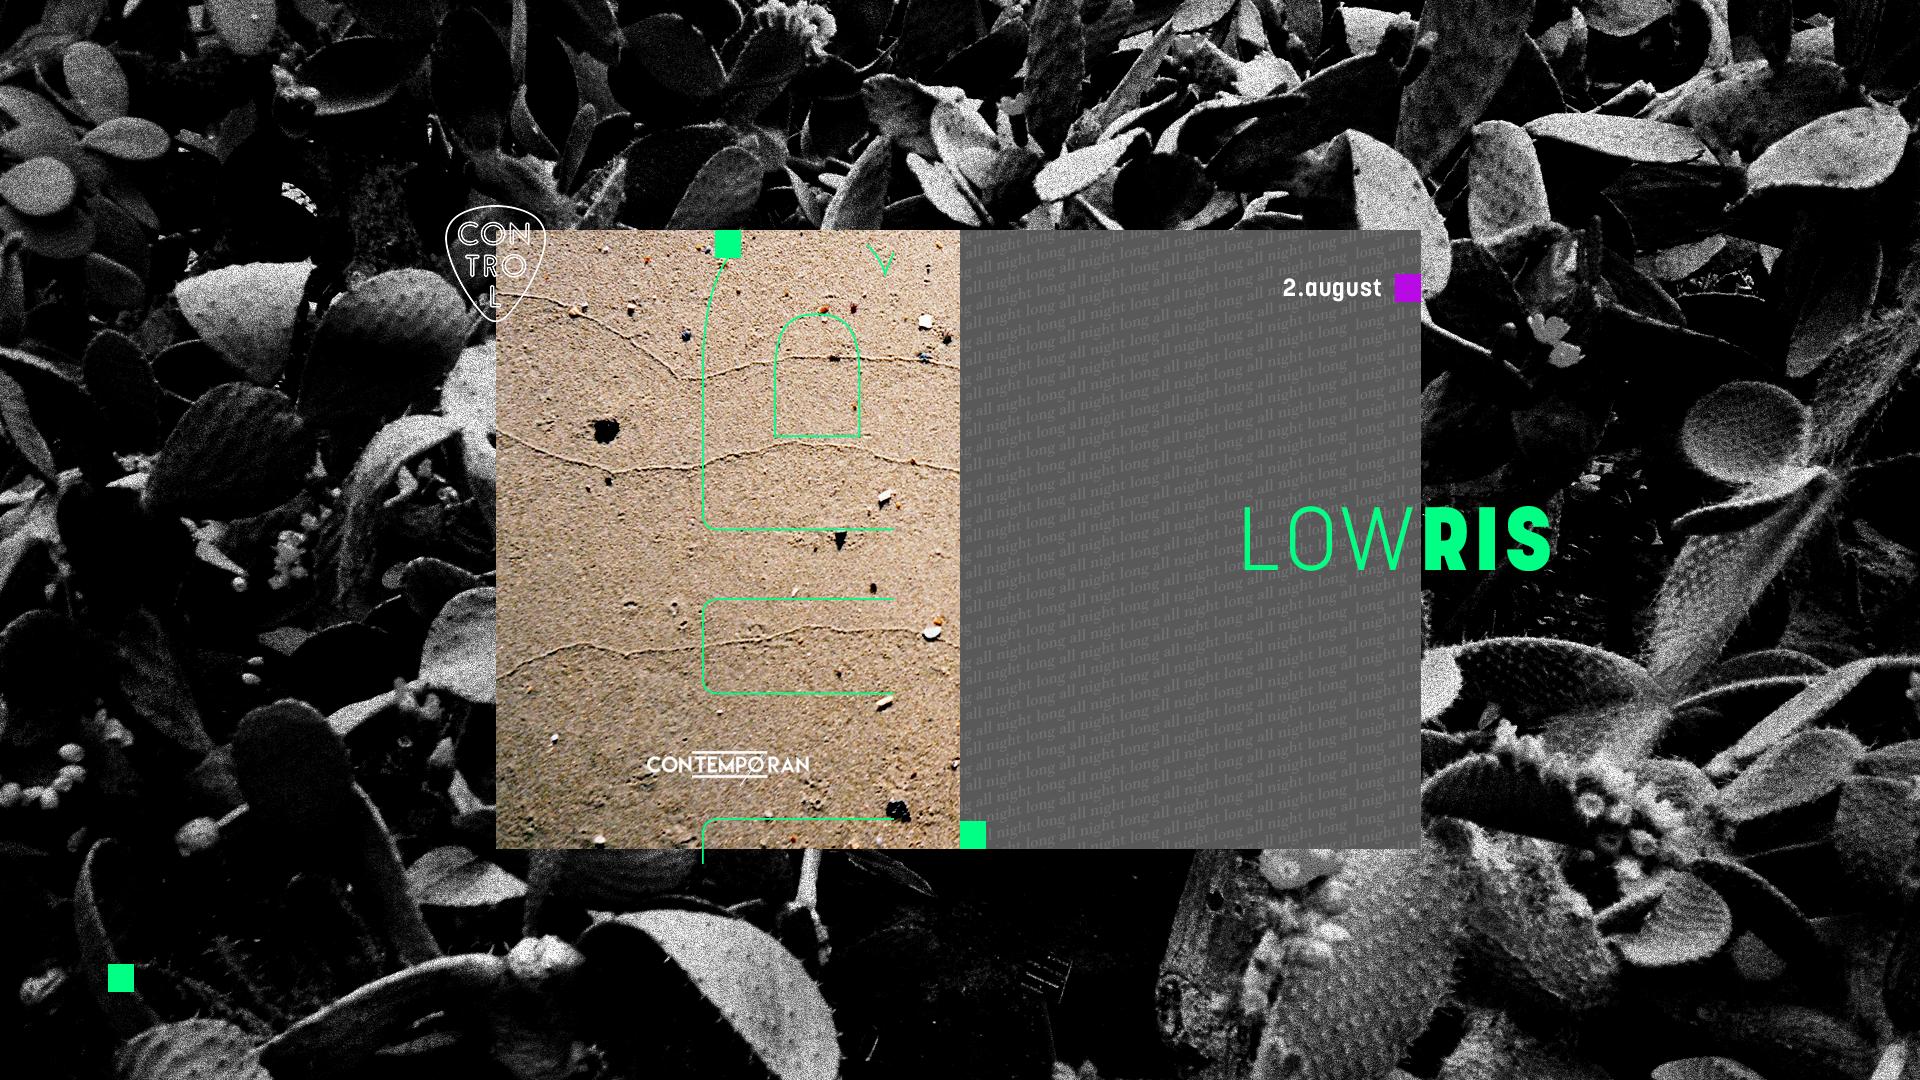 12_lowris